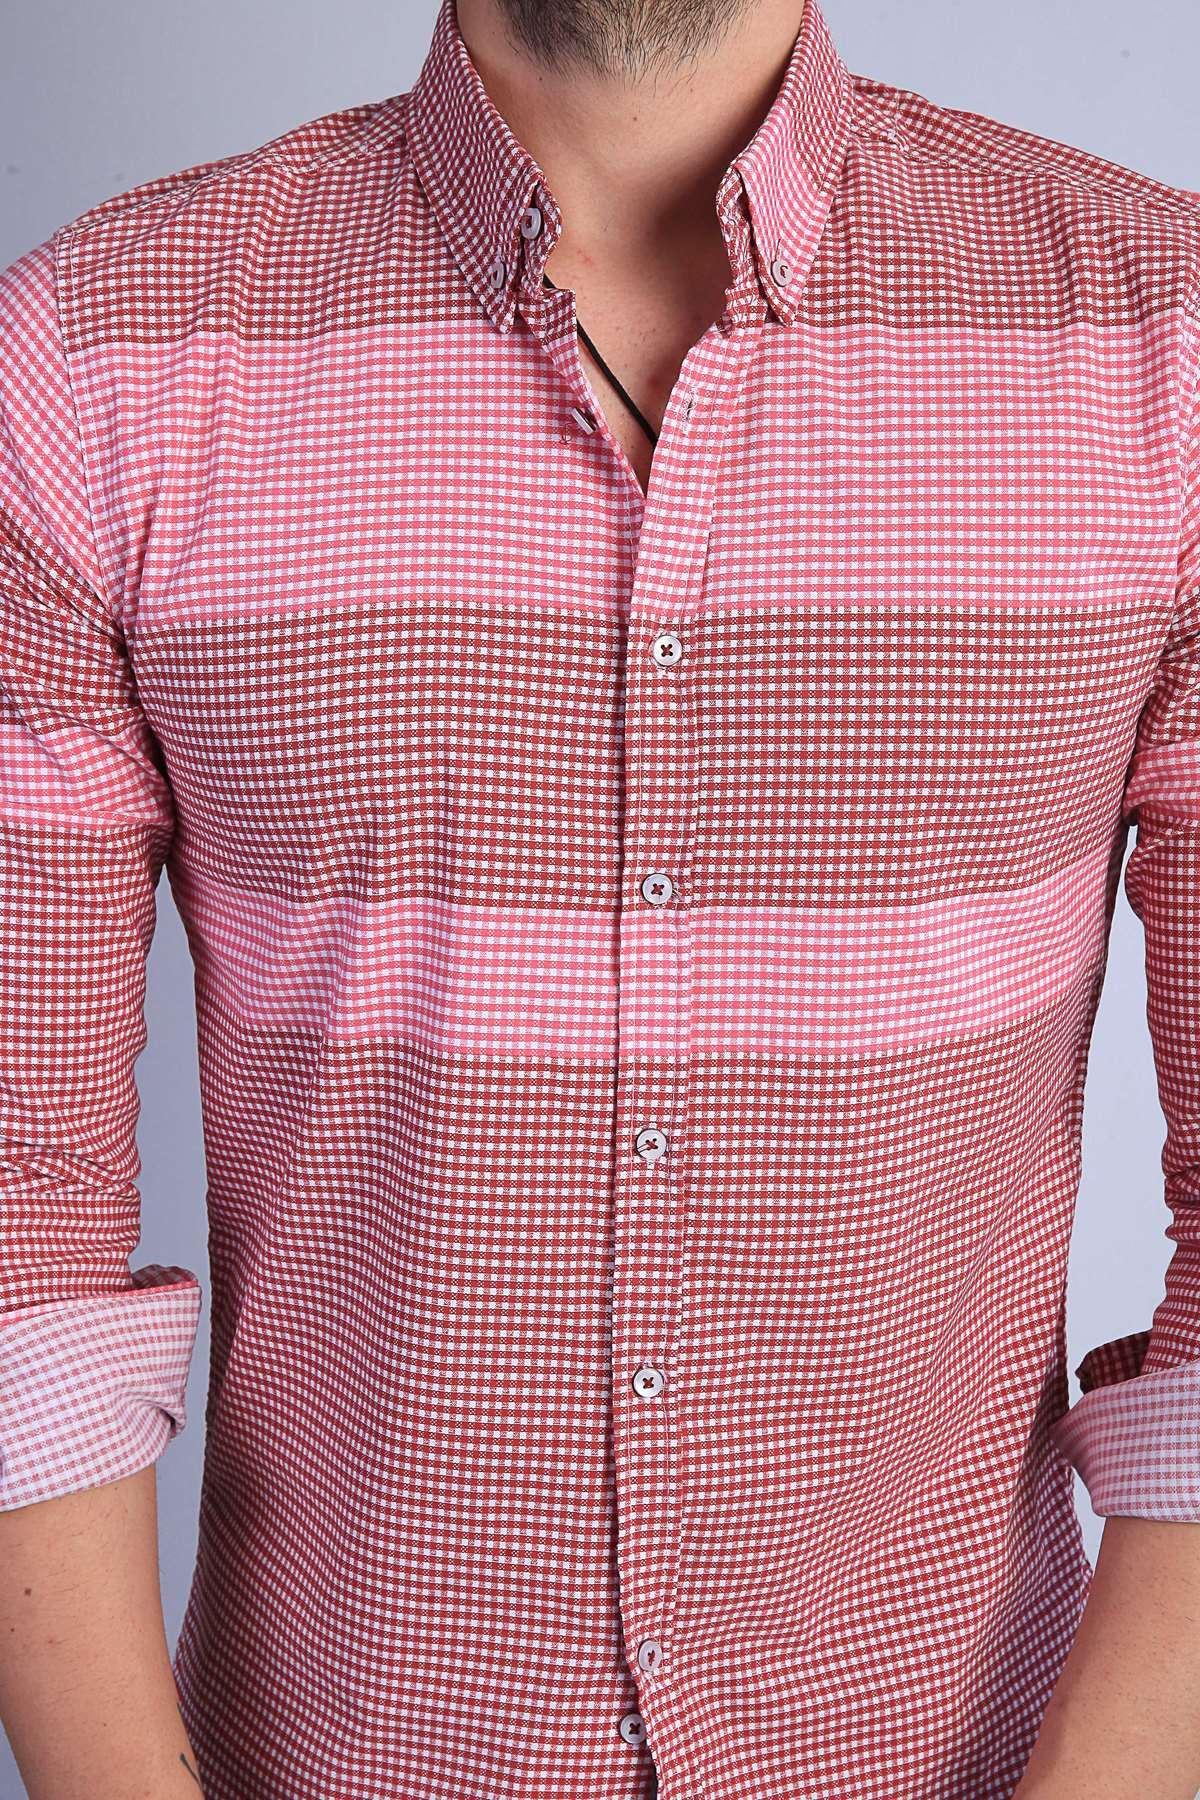 Küçük Kare Desenli Yaka Düğmeli Slim Fit Gömlek Bordo